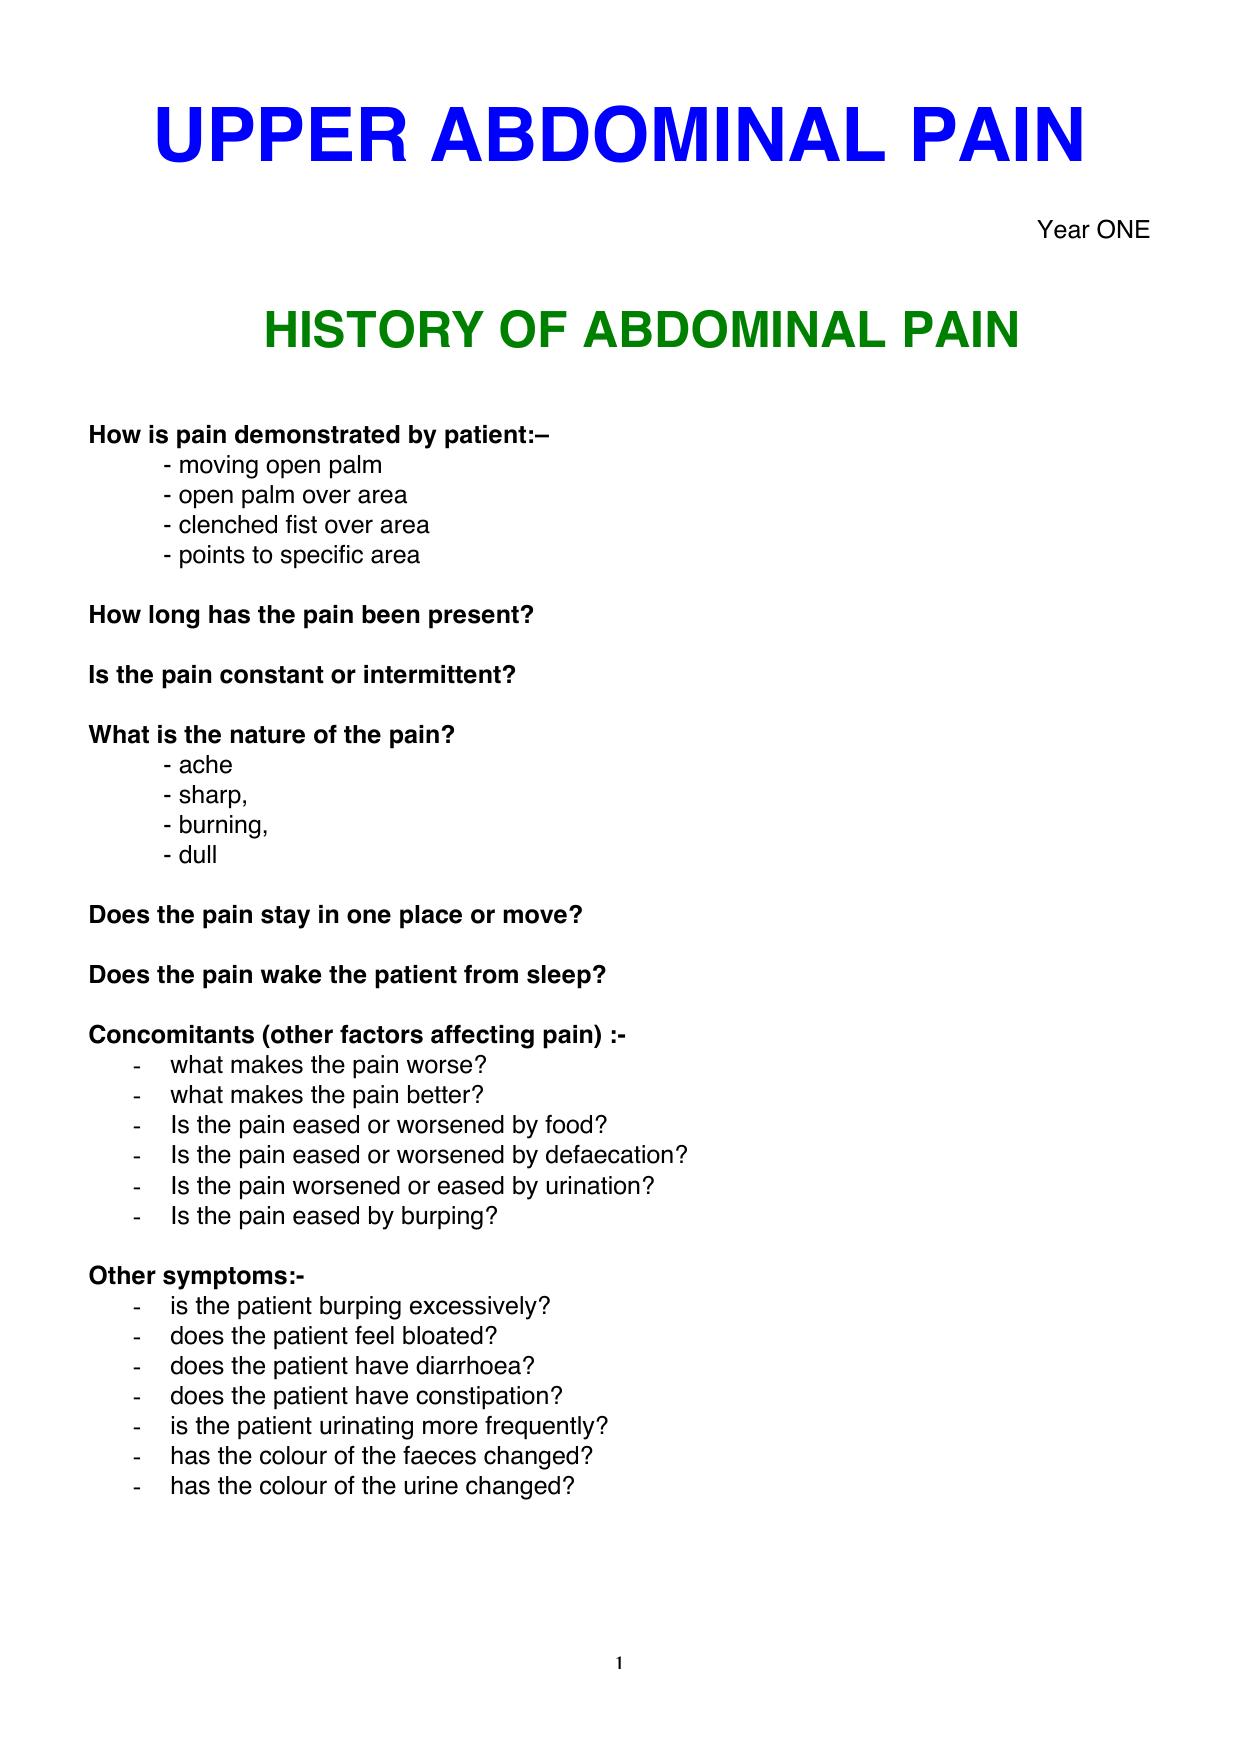 UPPER ABDO  PAIN